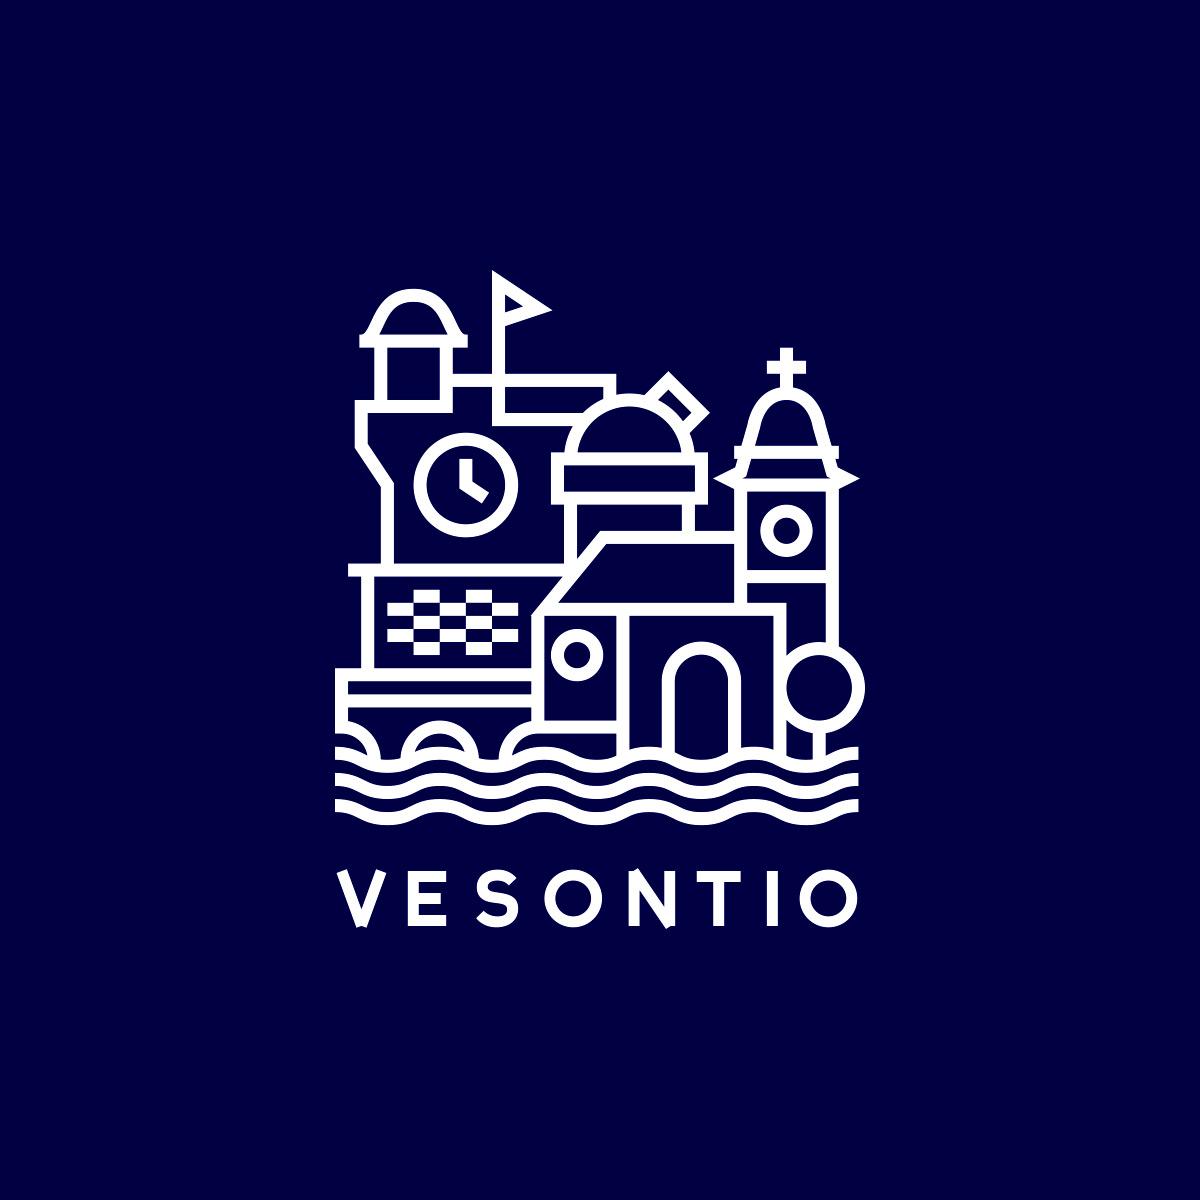 MaisonTangible-Manufacture-Images-Objets-Graphiques-Besancon-Vesontio-Actualite-160303